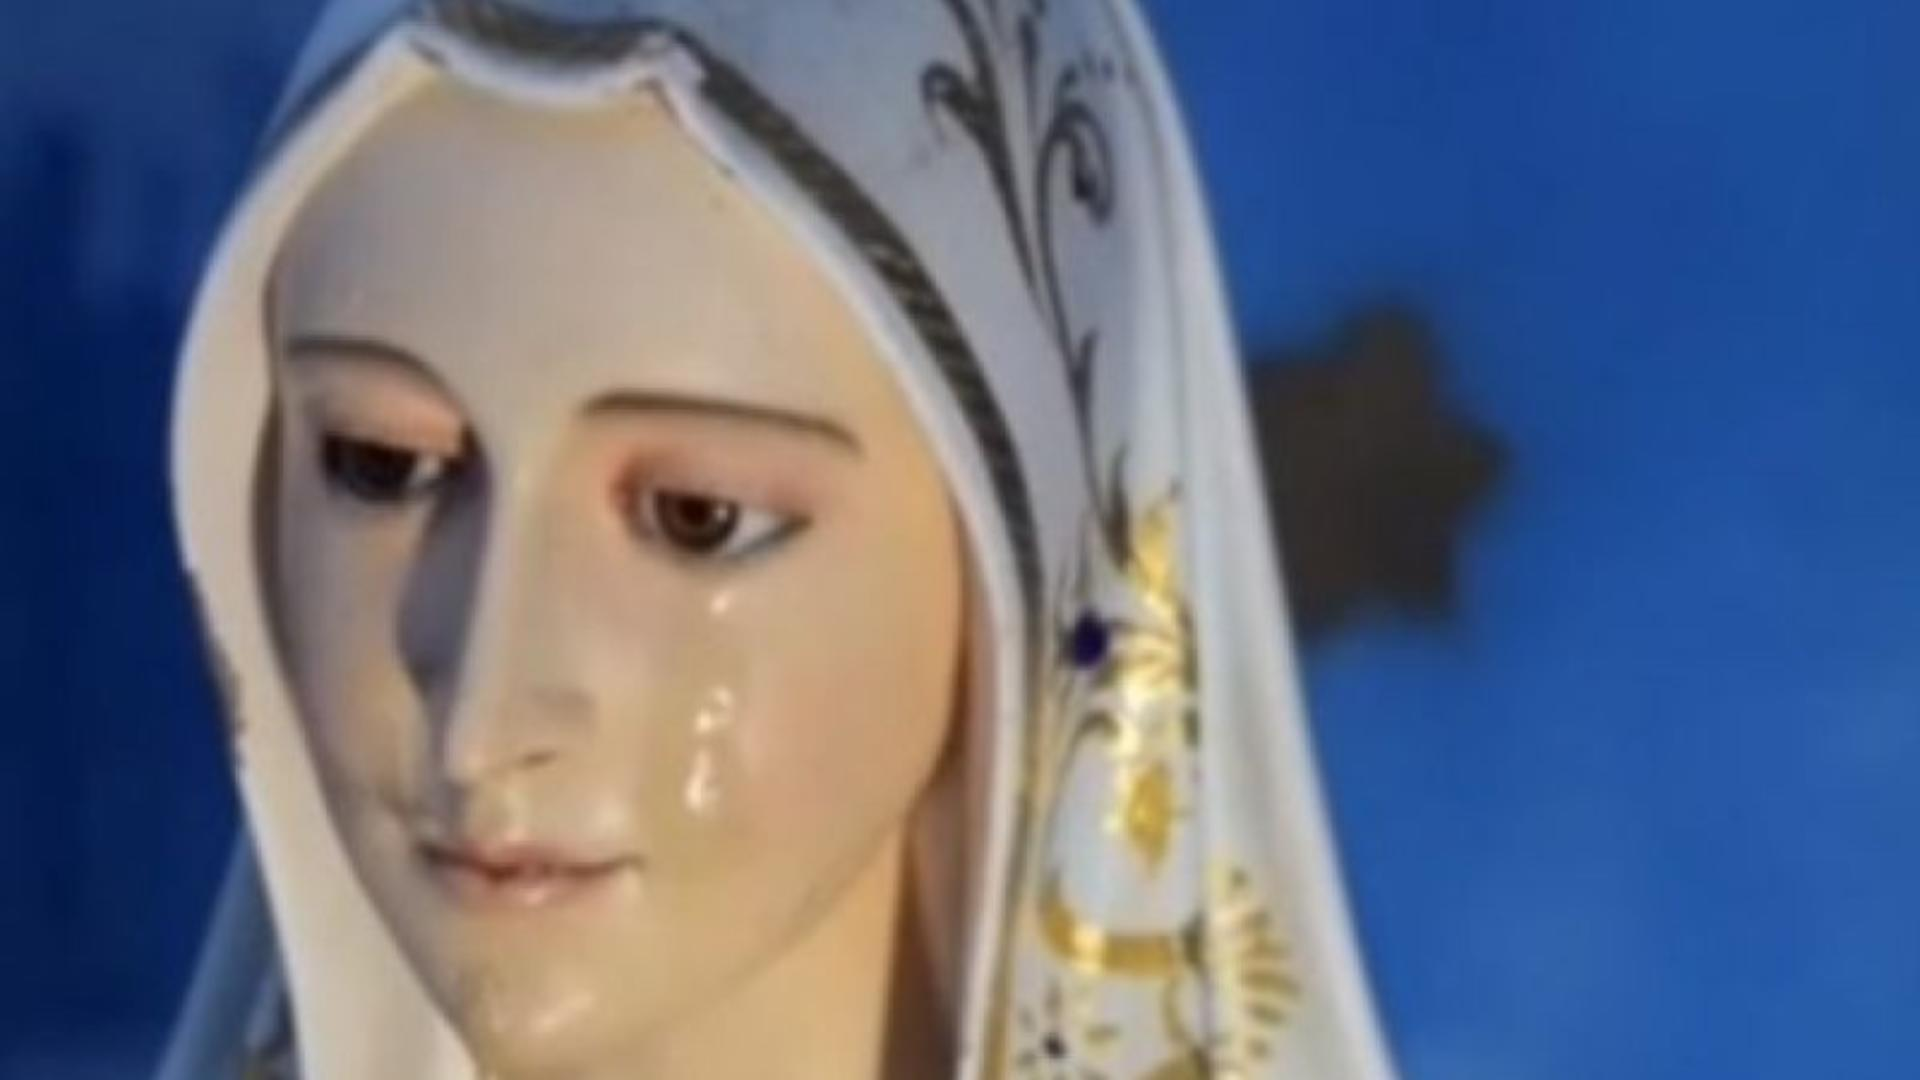 Minunea din Timiș: LACRIMI în ochii statuii Maicii Domnului din Sânandrei